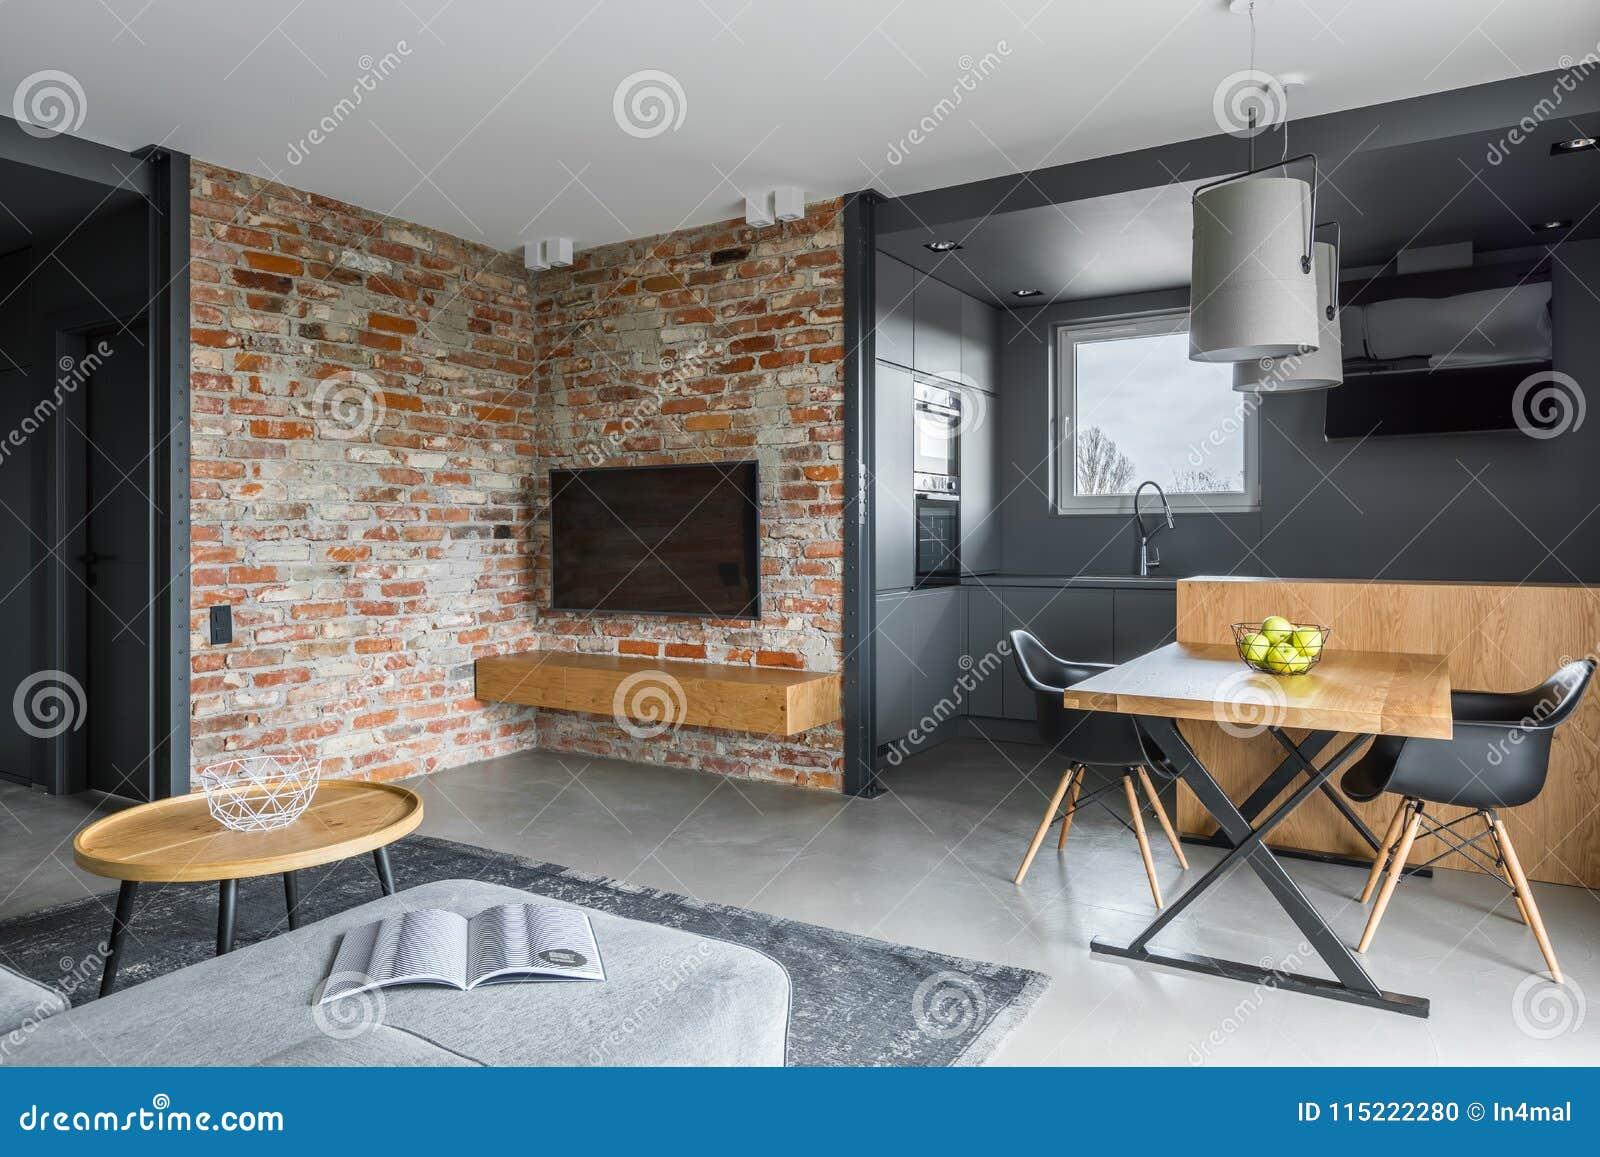 Wohnzimmer Mit Offener Küche Stockfoto - Bild von flach ...